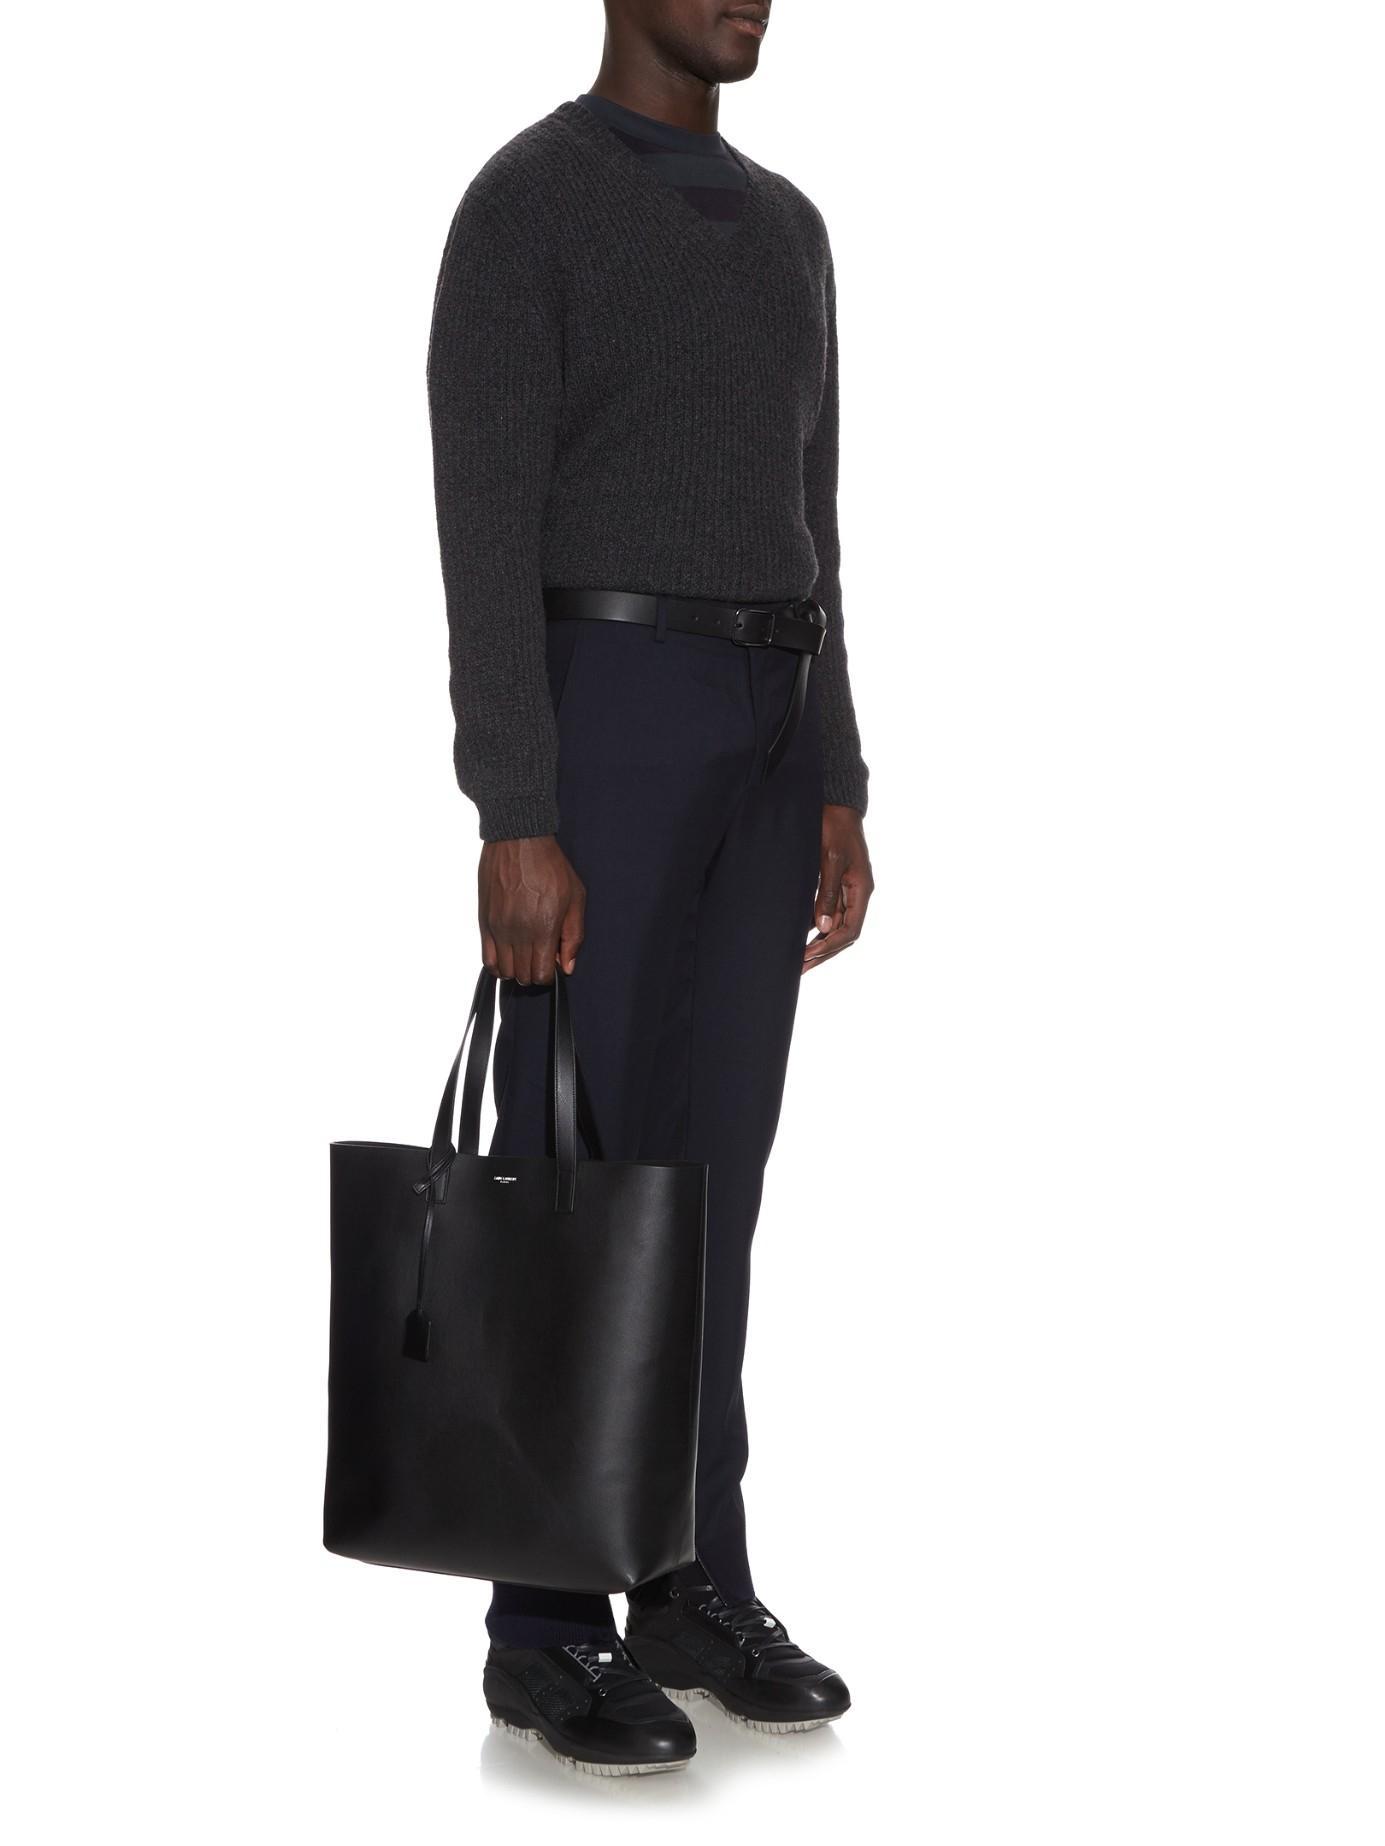 saint laurent monogram leather shopper bag in black for. Black Bedroom Furniture Sets. Home Design Ideas